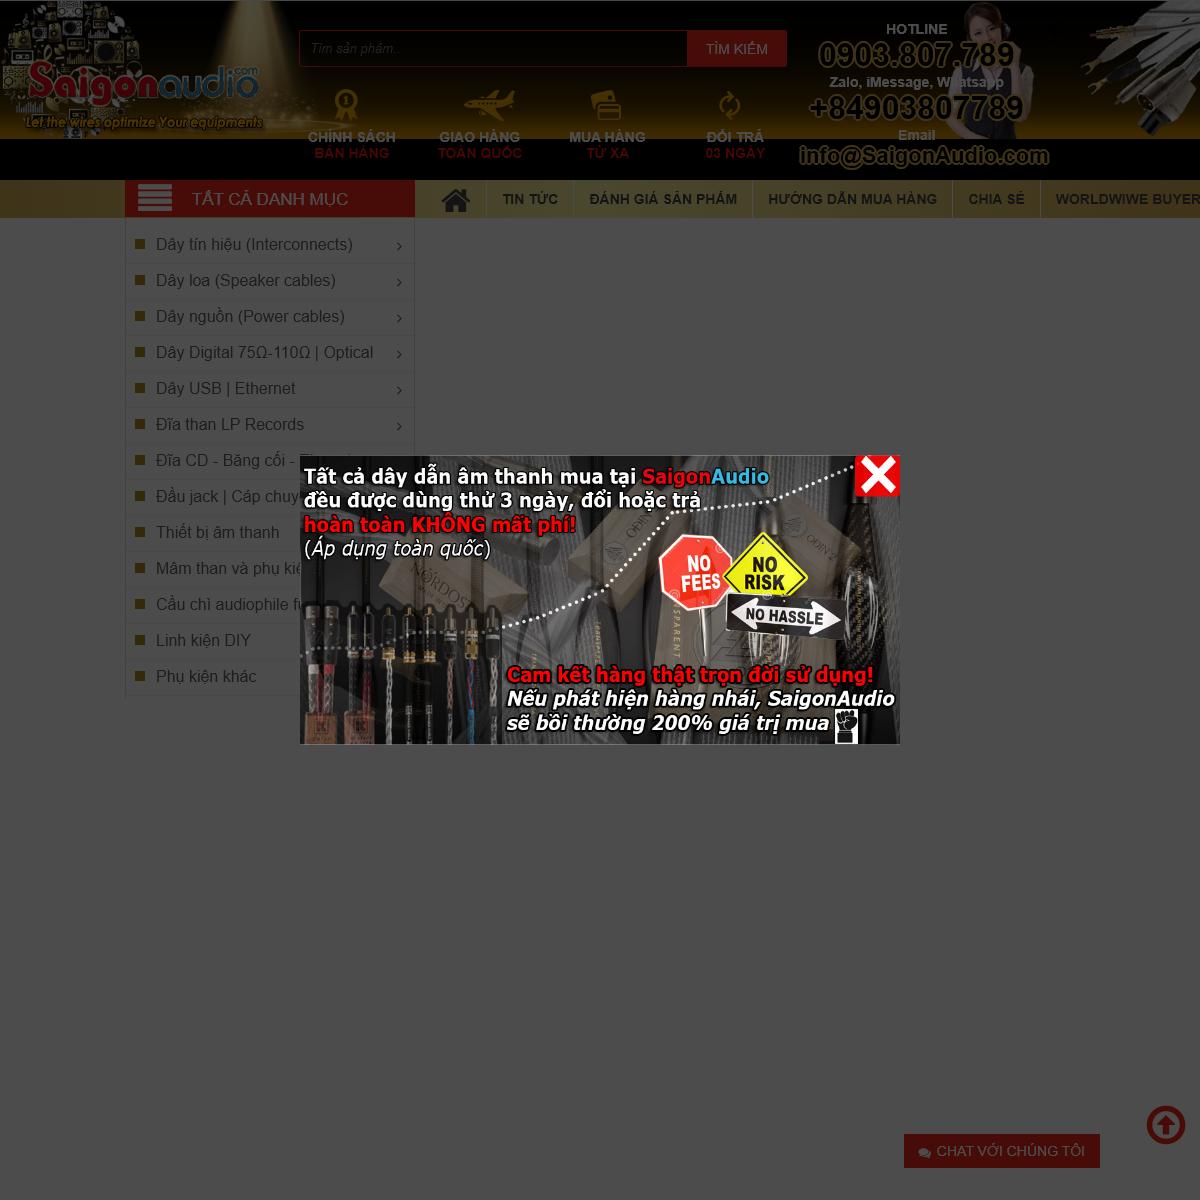 .-- SaigonAudio.com - Dùng thử 3 ngày - Chỉ bán hàng thật- Dây loa - Dây tín hiệu - Dây nguồn - Coaxial - Opti